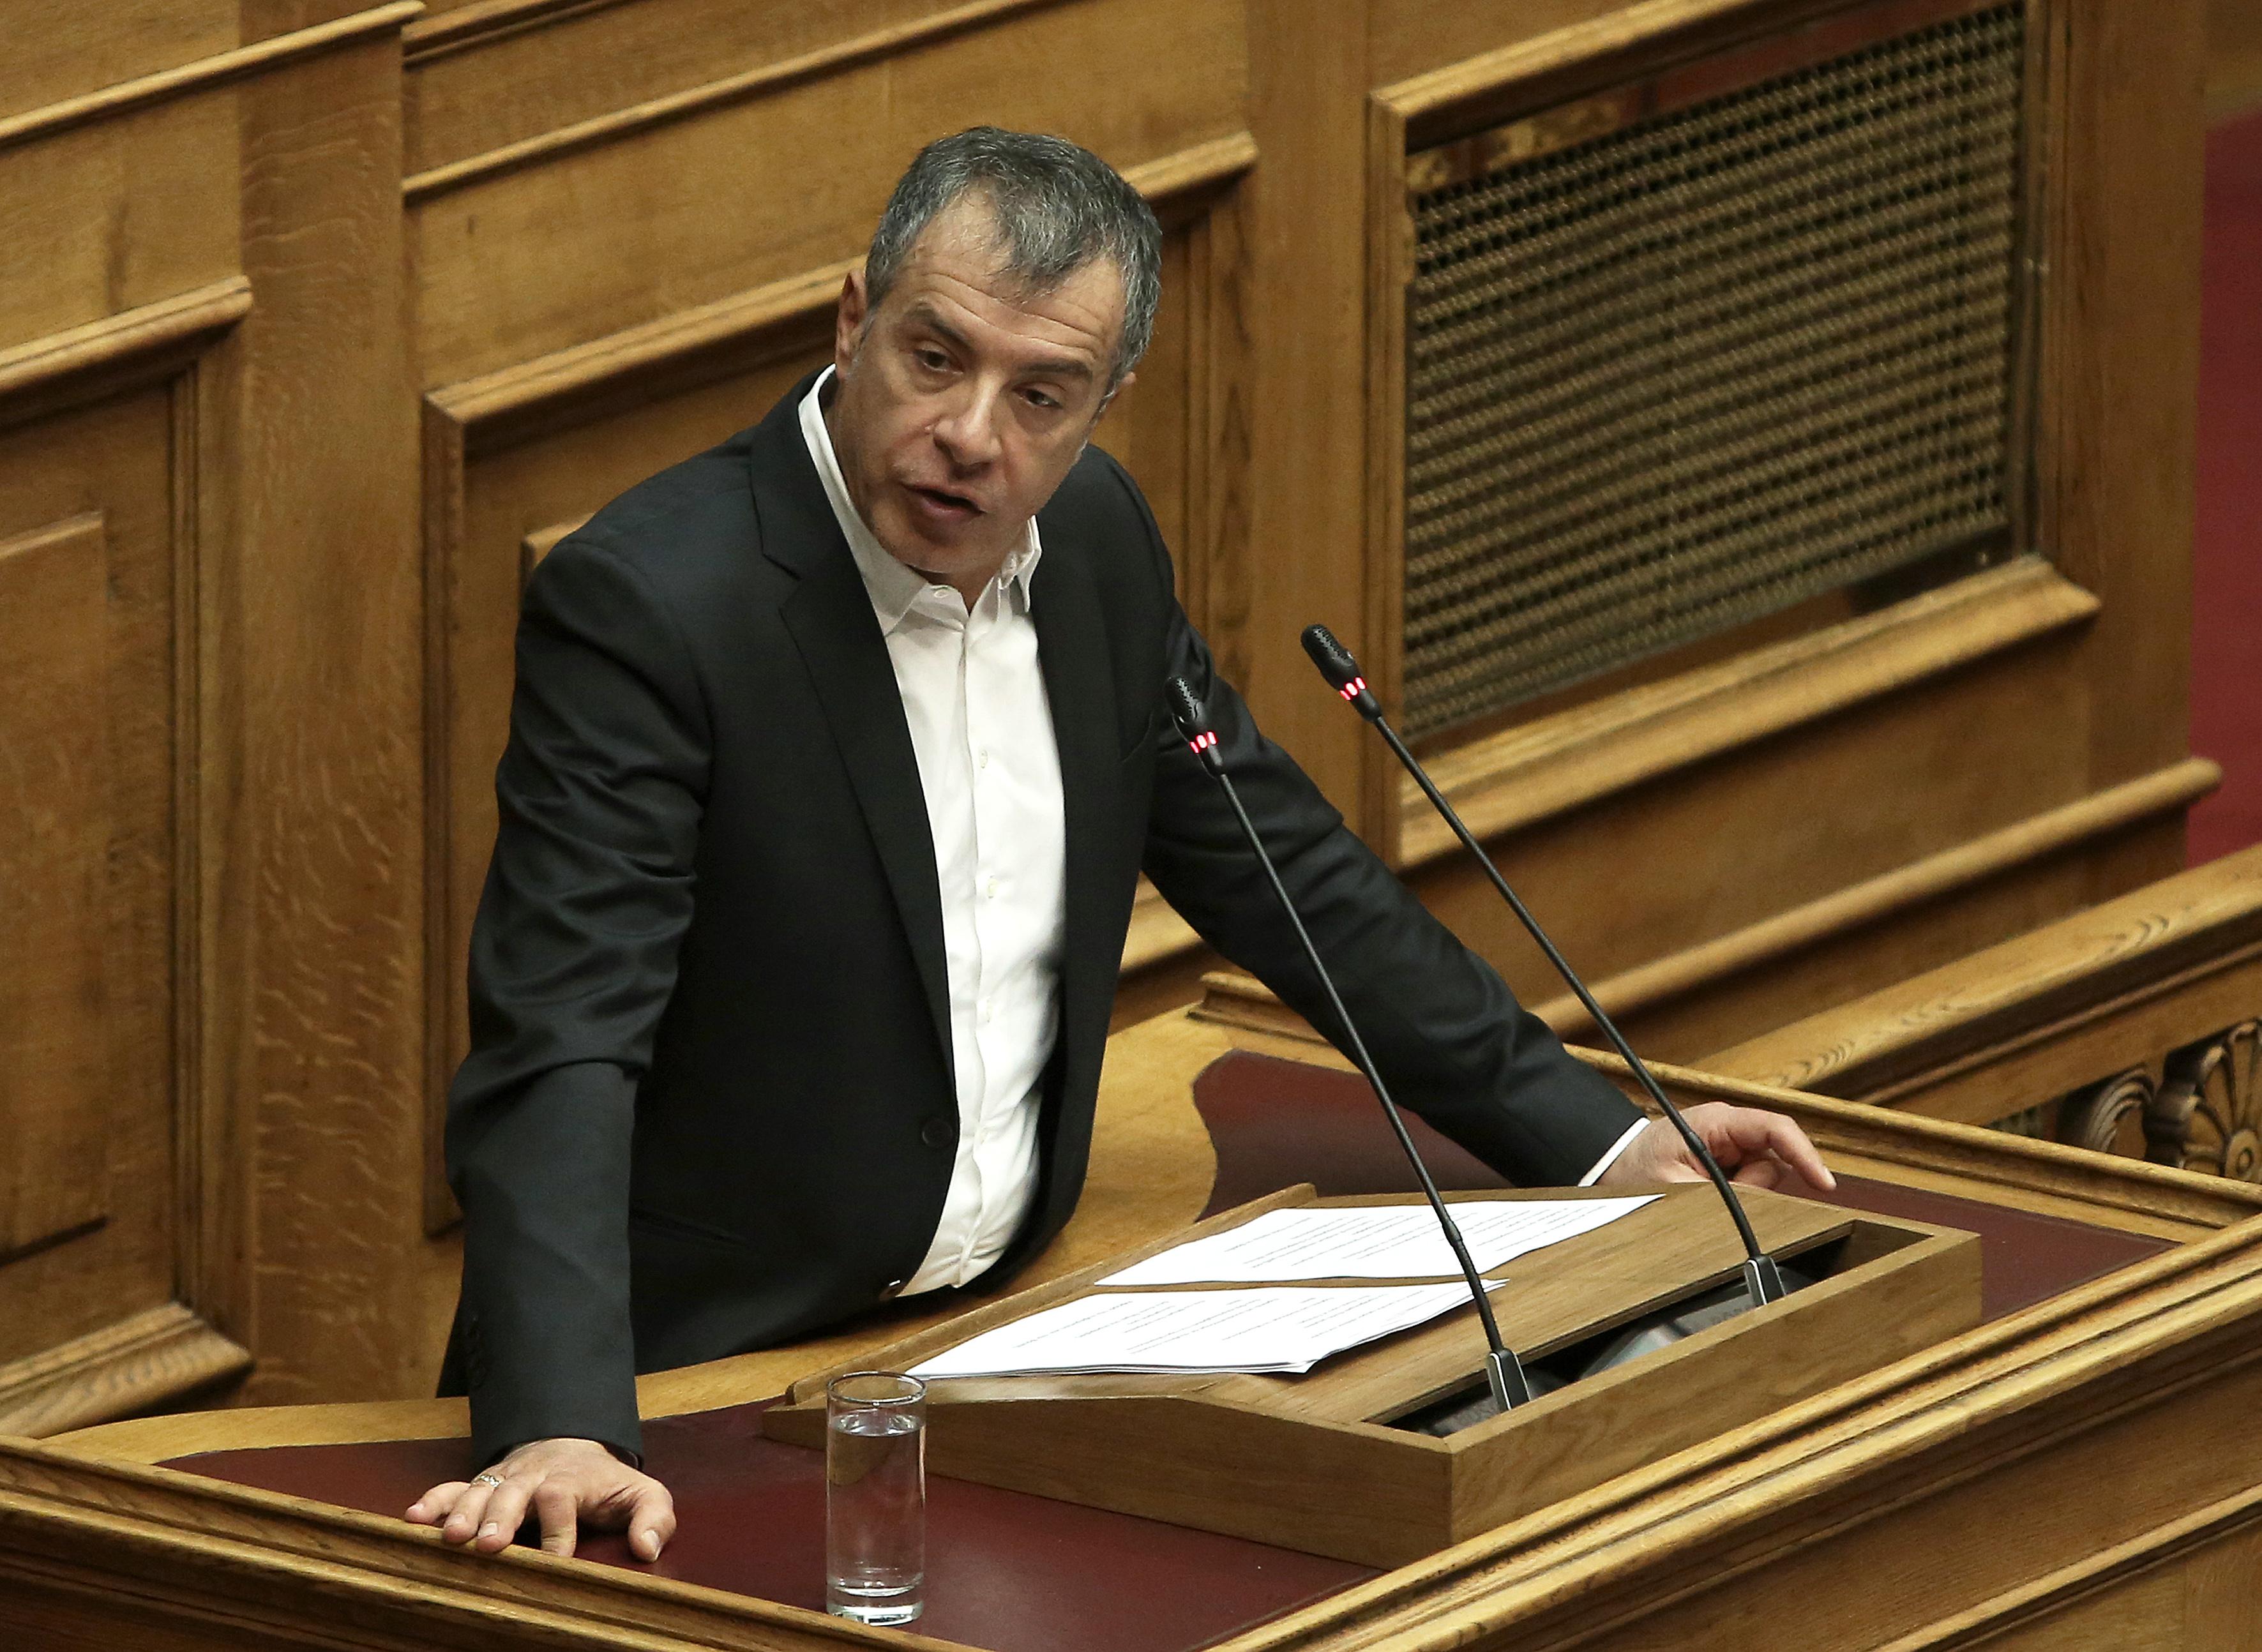 Στ. Θεοδωράκης: Επί 25 χρόνια χάνουμε ευκαιρίες   tovima.gr